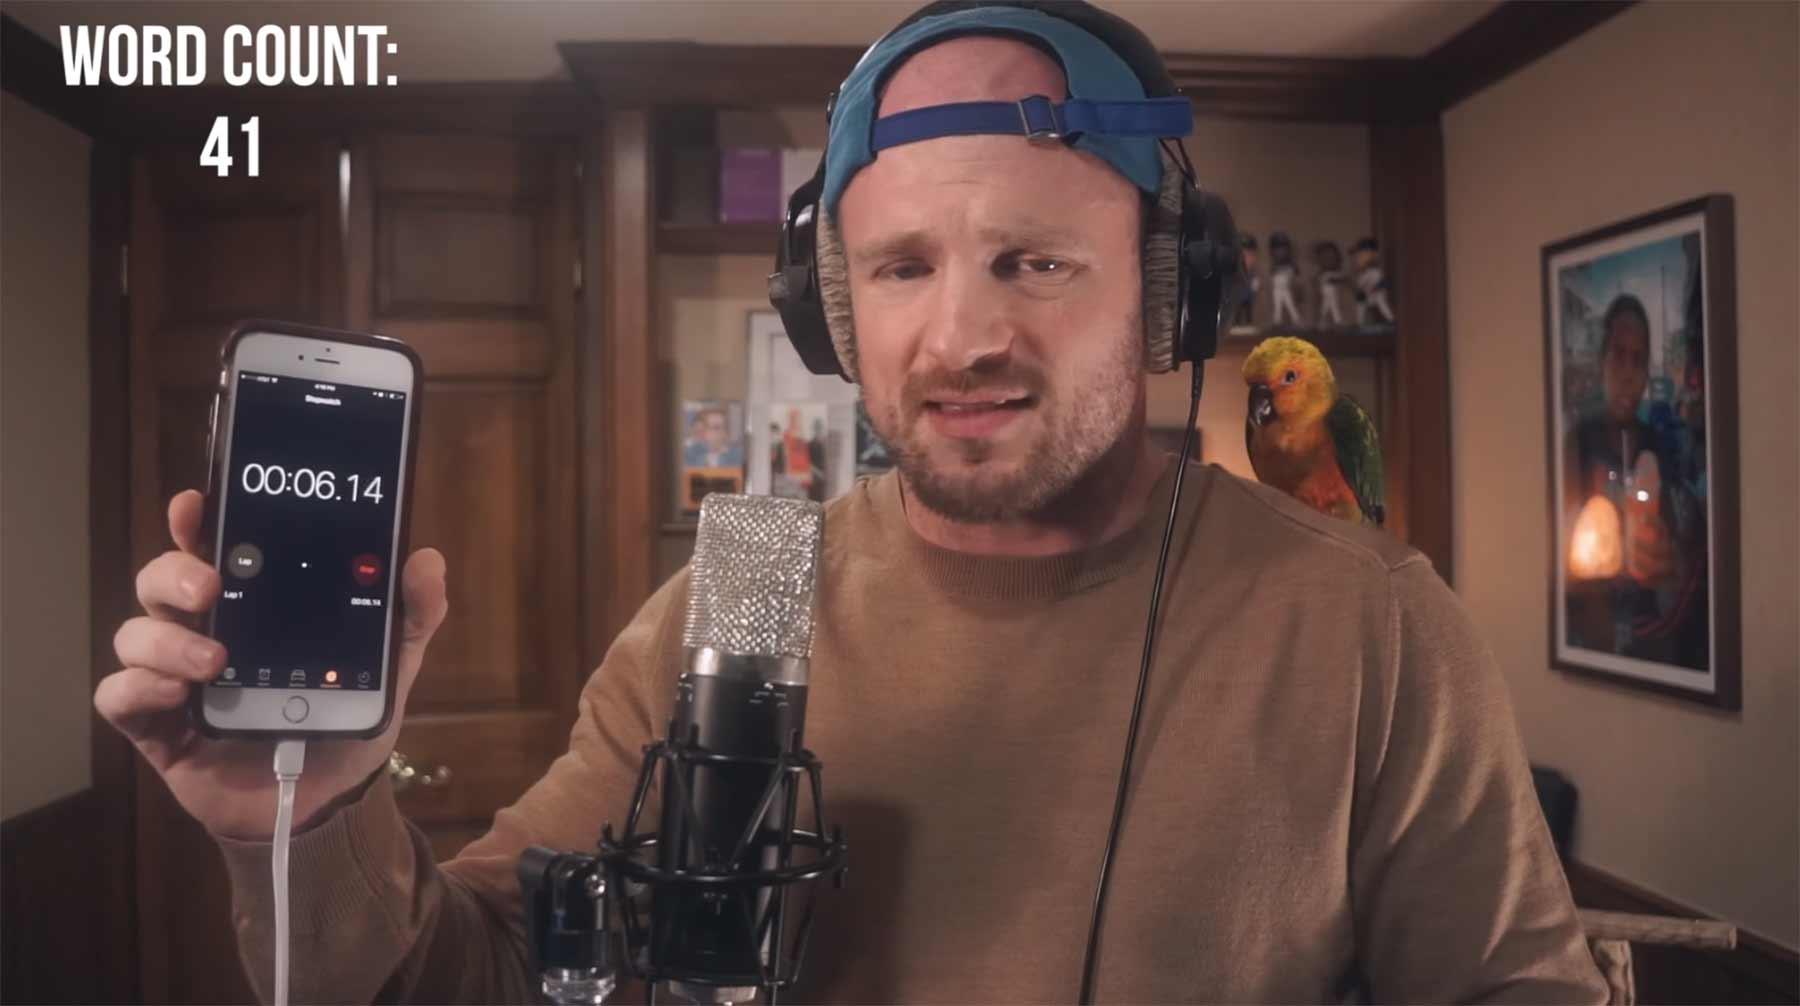 Mac Lethal rappt 400 Wörter in einer Minute maclethal-400-woerter-in-1-minute-rap